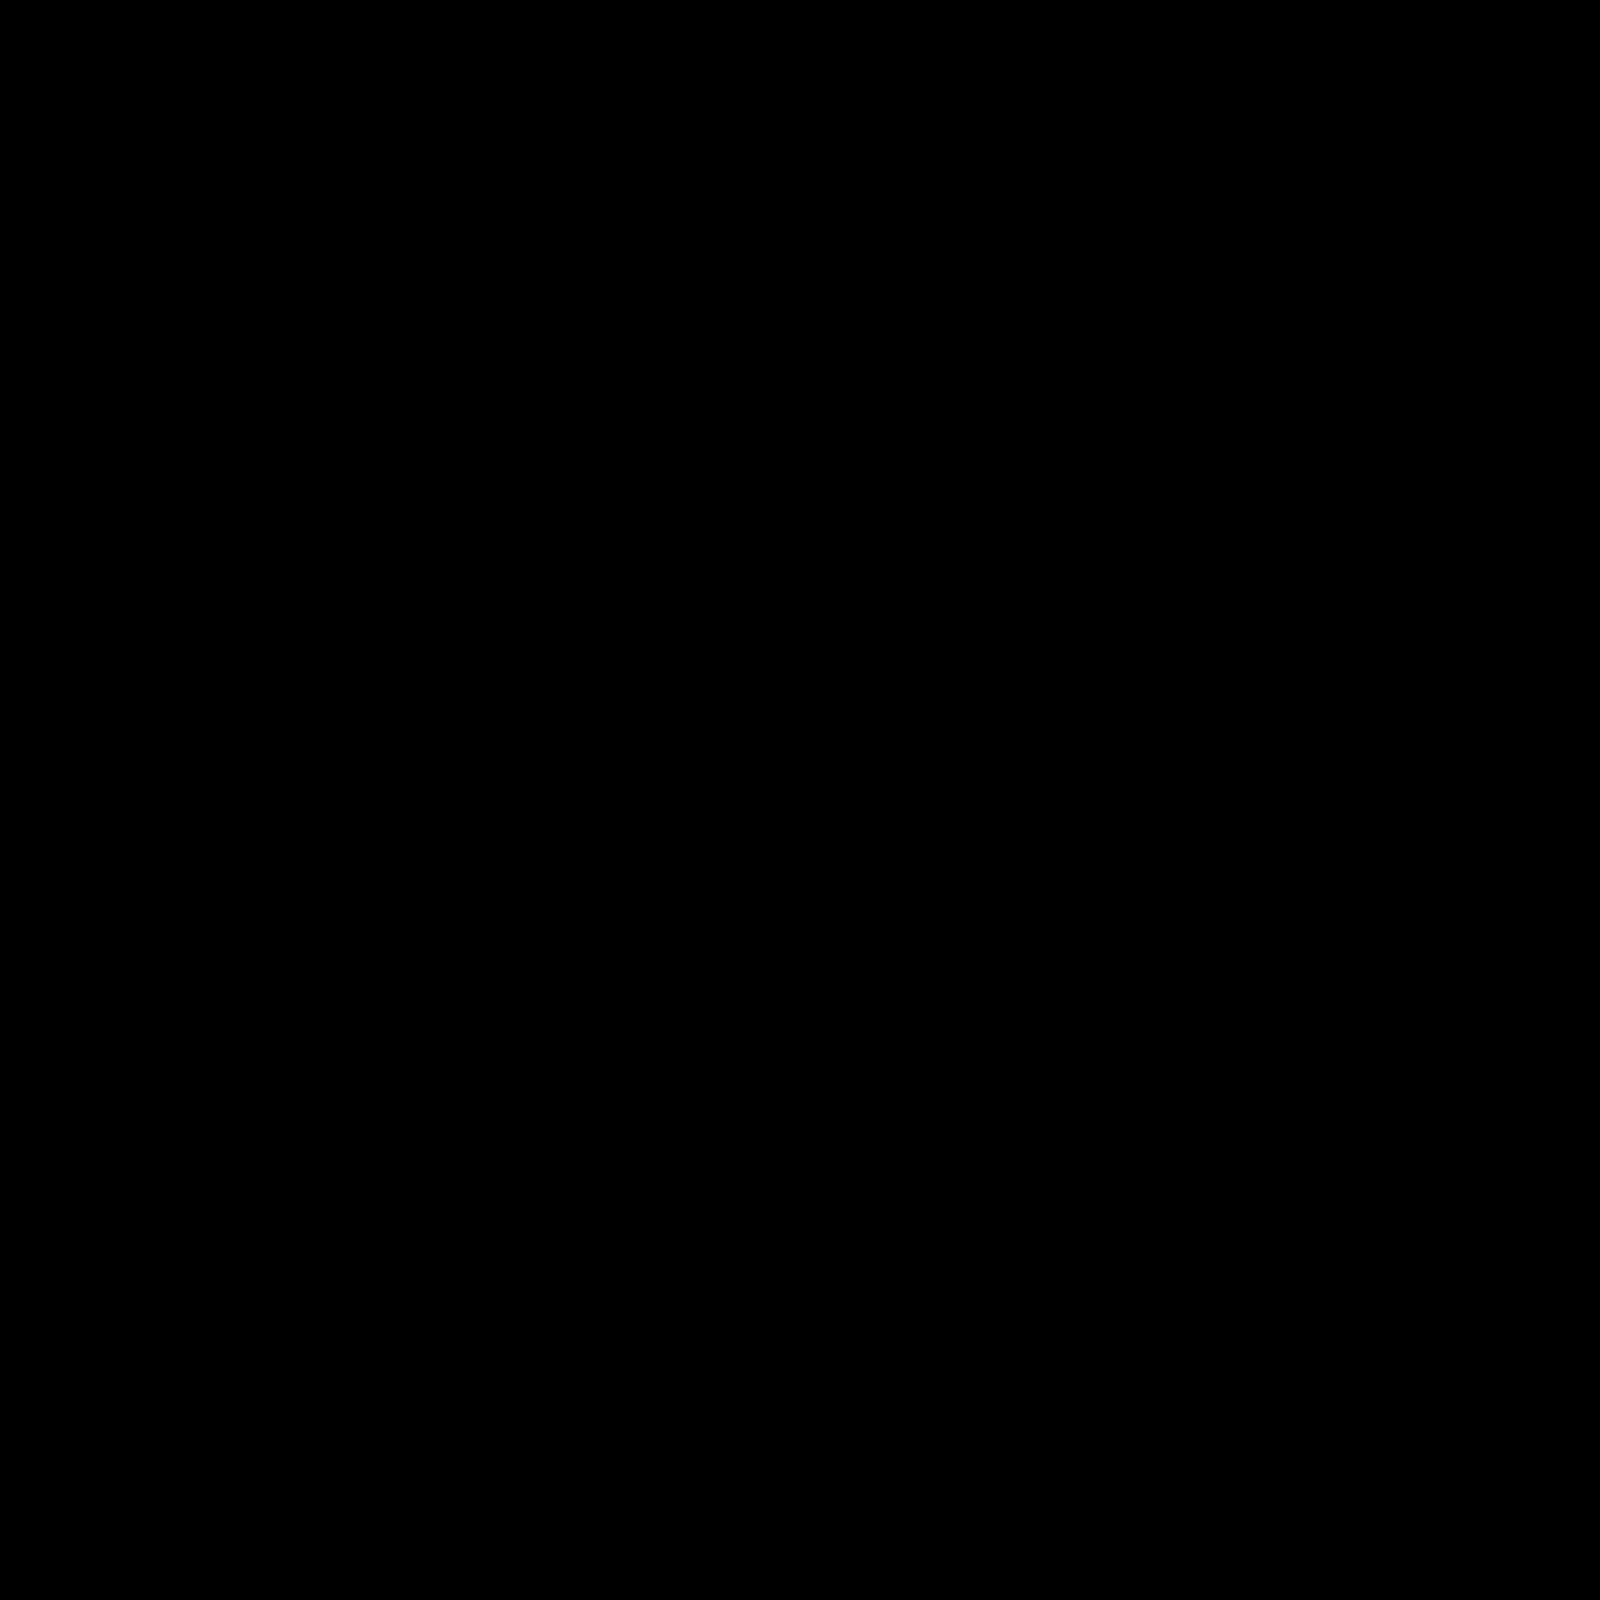 Sortuj w lewo icon